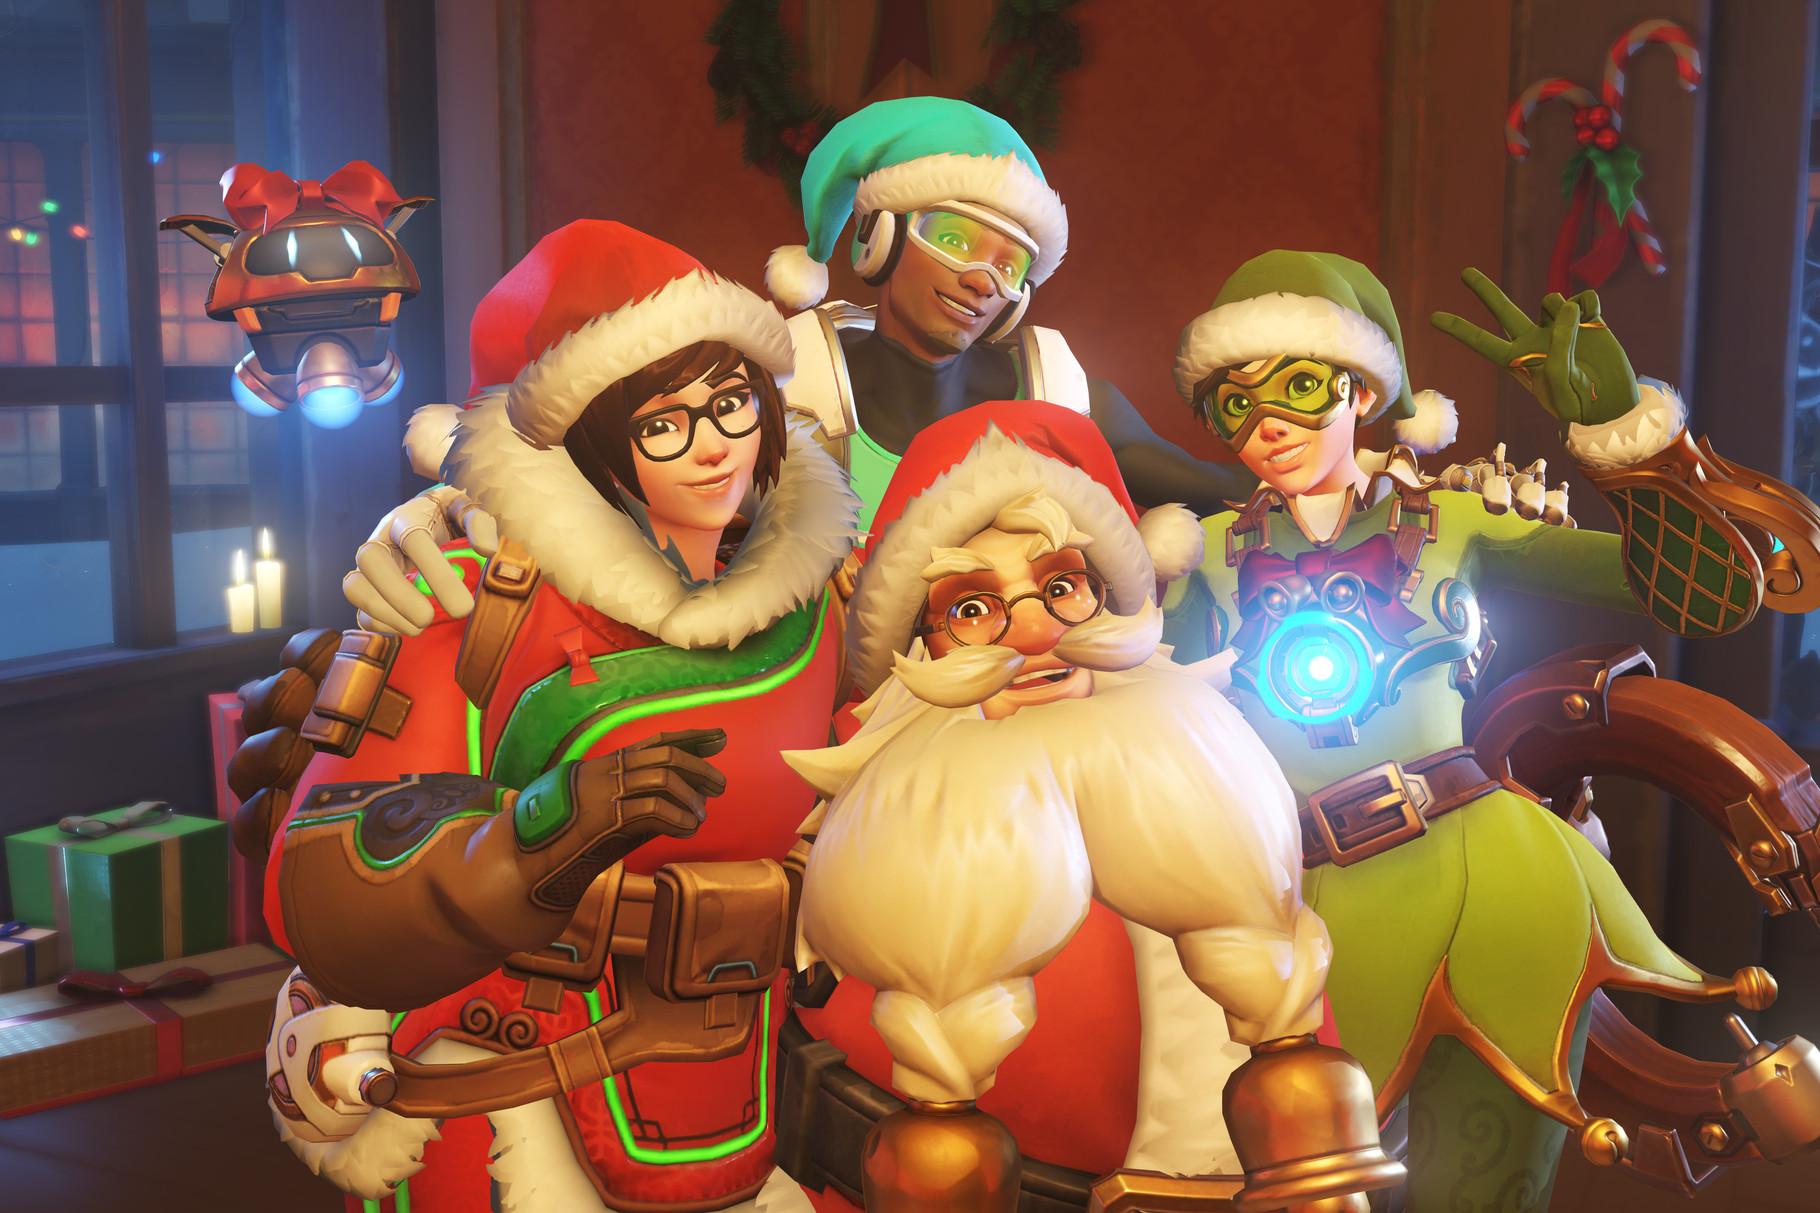 Overwatch Winter Wonderland Holiday Picture